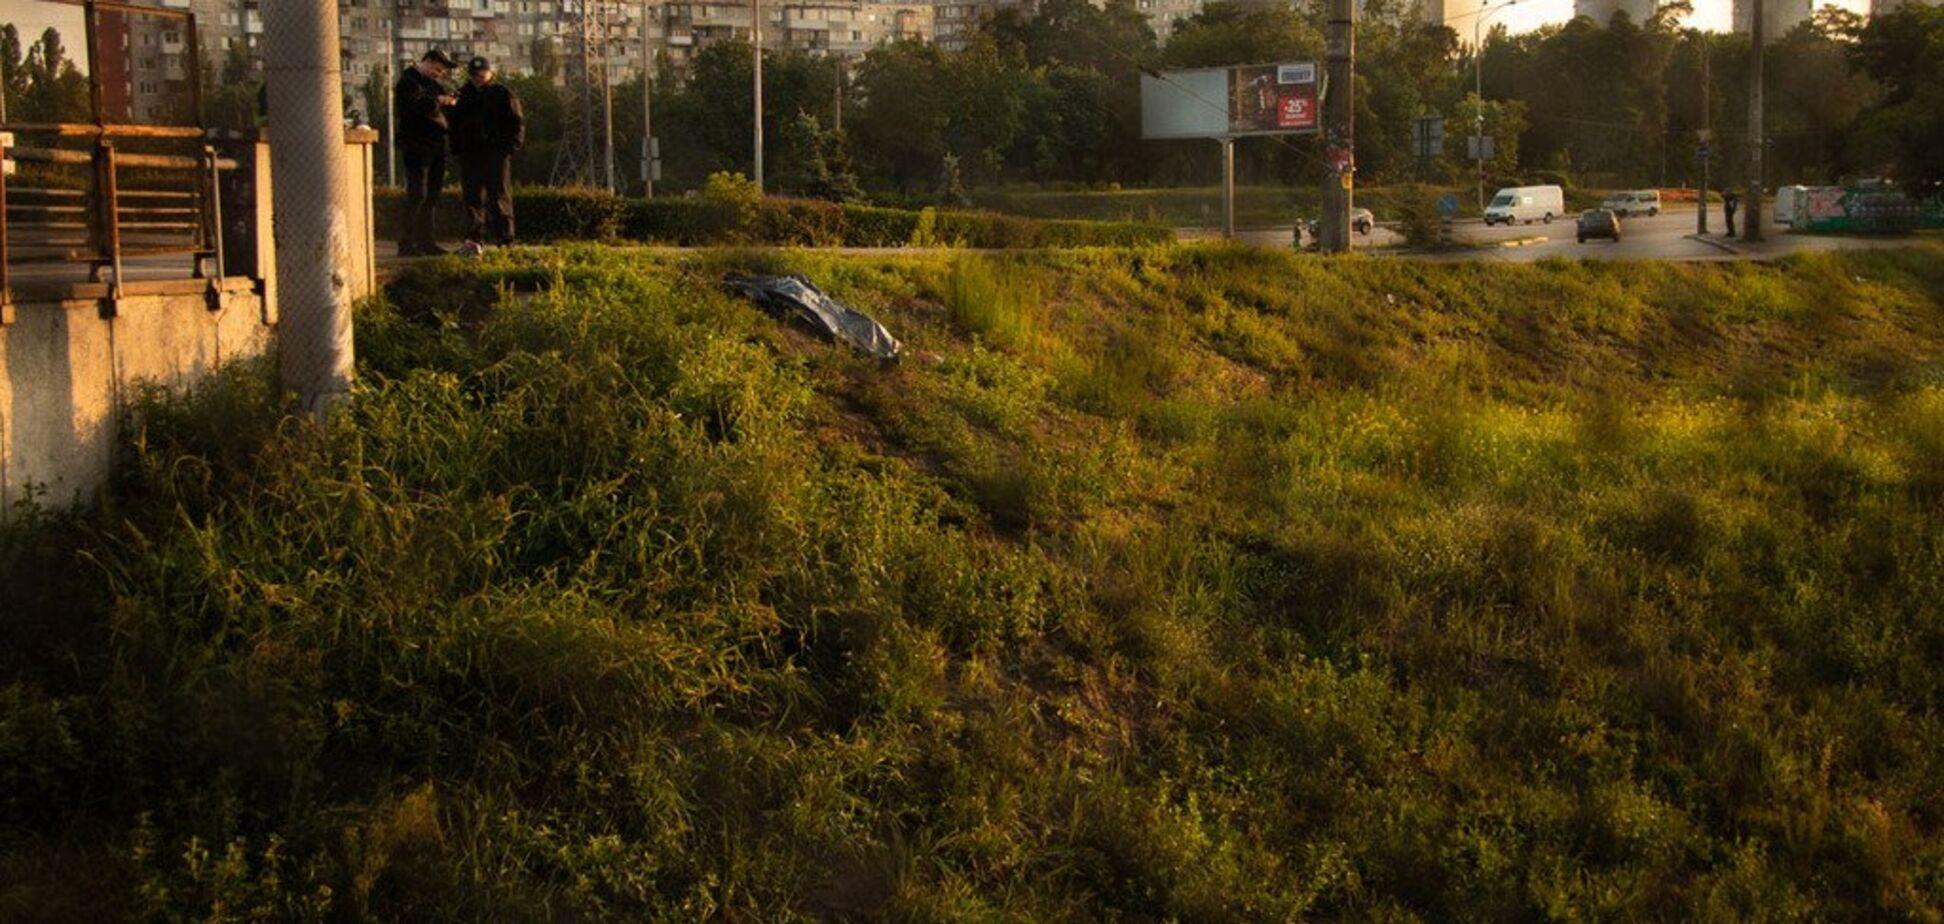 Кросівки стояли поряд: у Києві біля метро знайшли труп босого чоловіка